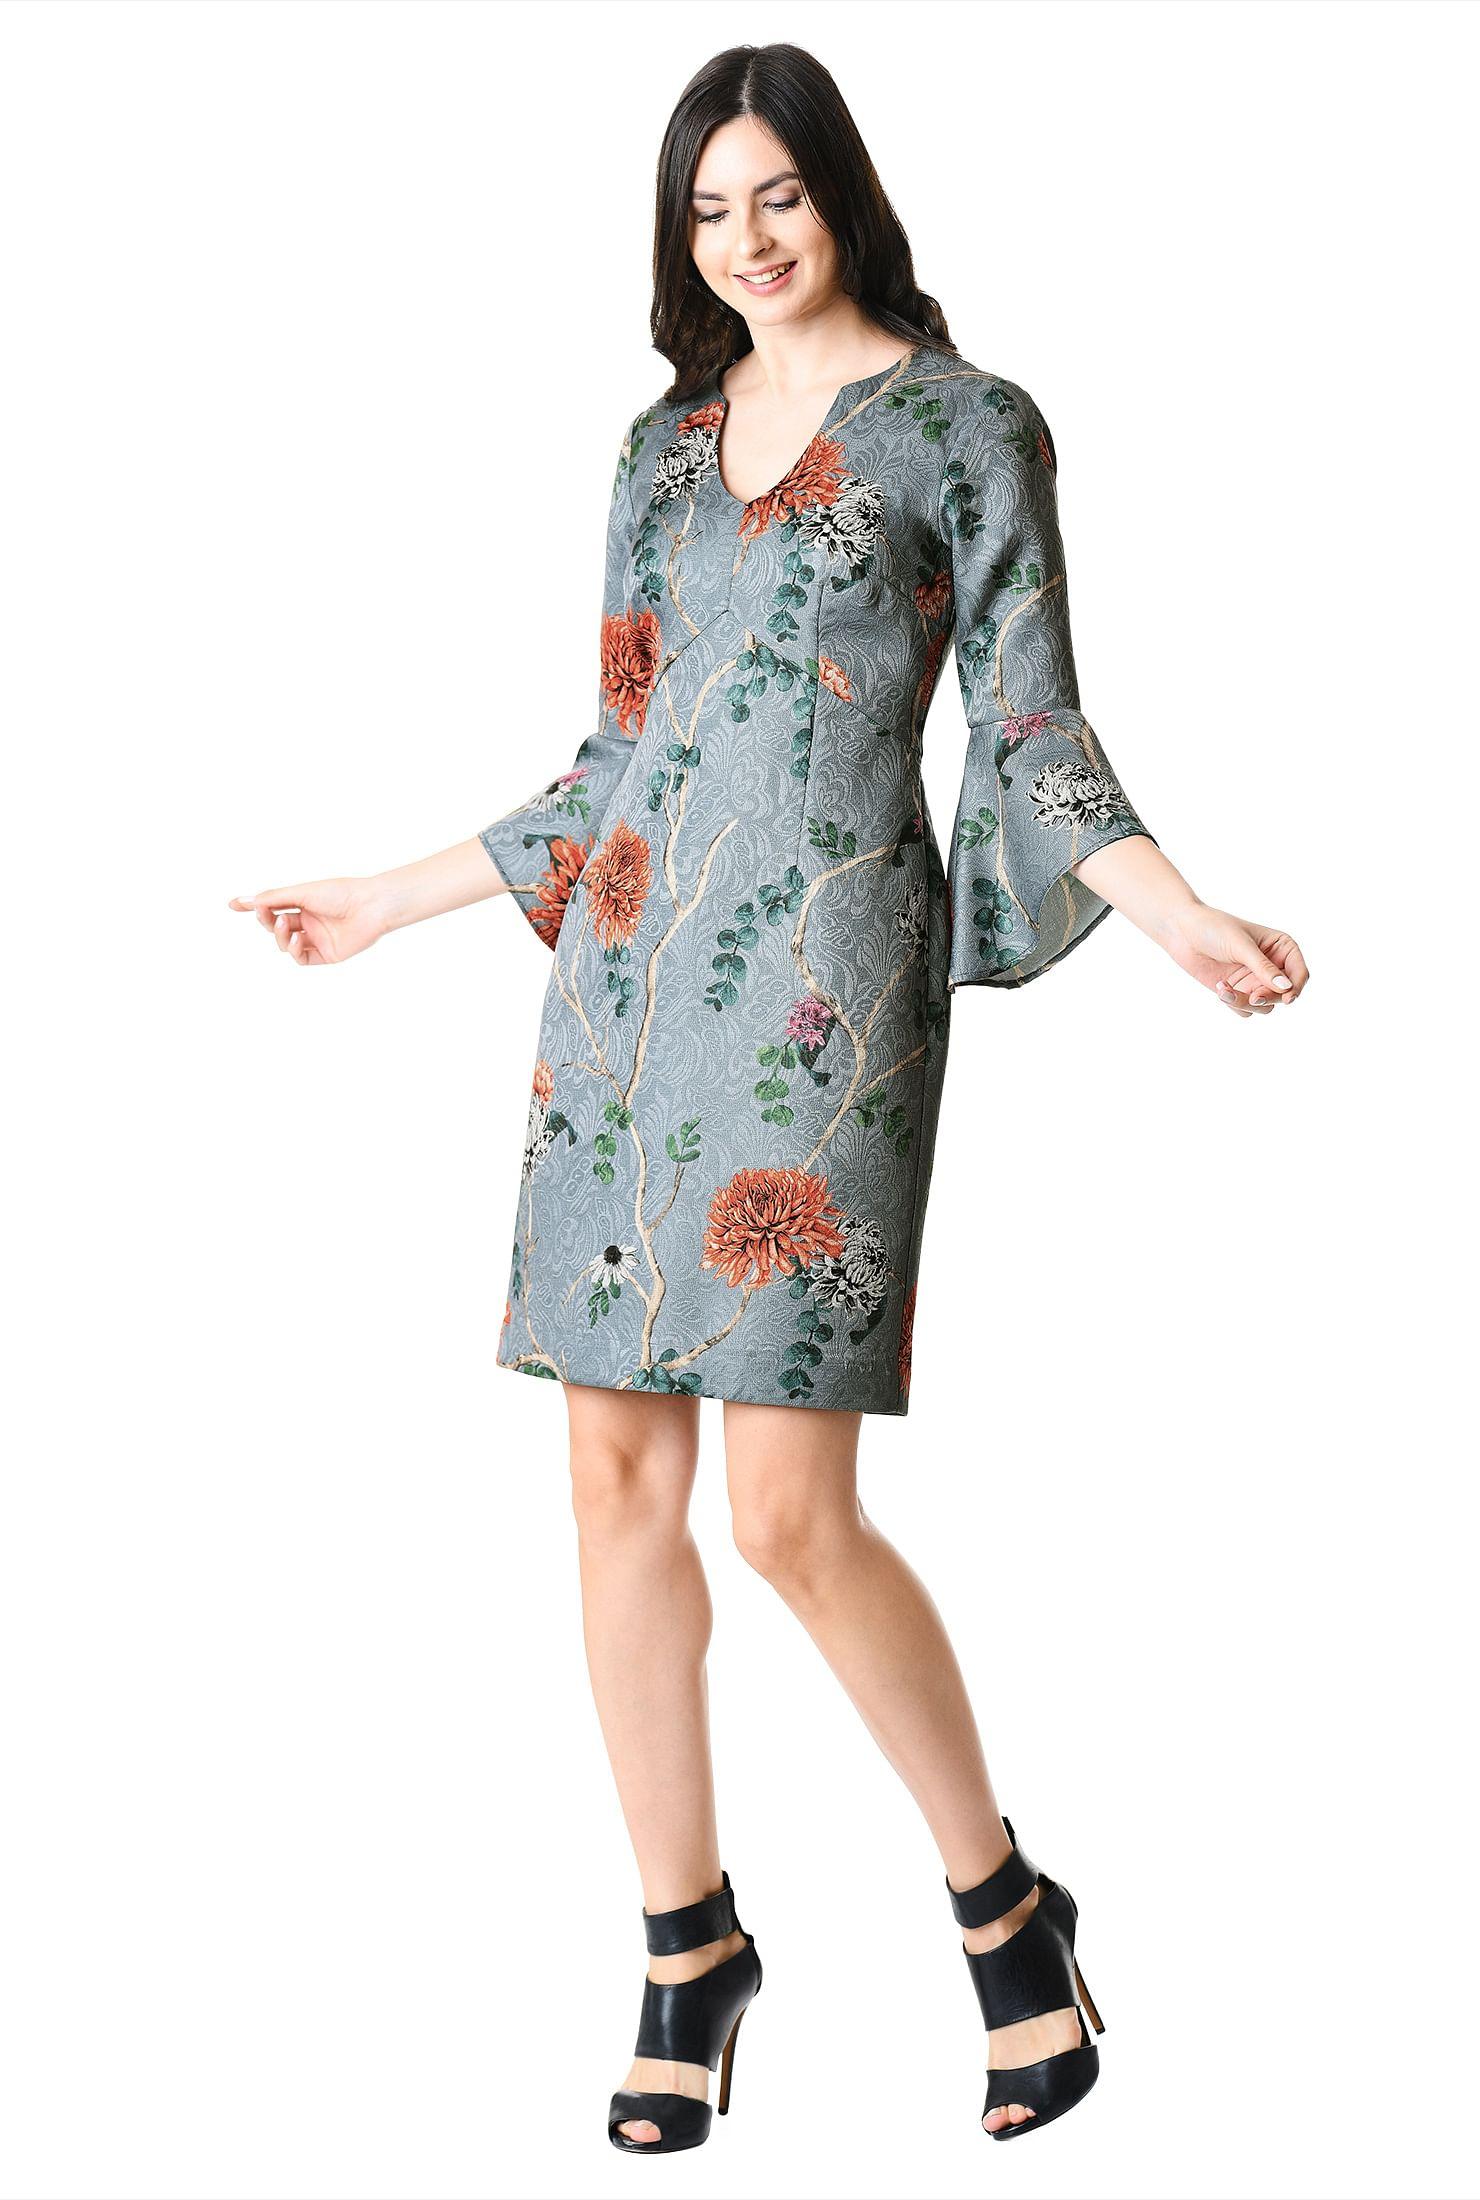 c7e668ee979d asymmetrical neck dresses, back zip dresses, Dry clean dresses, empire  waist dresses